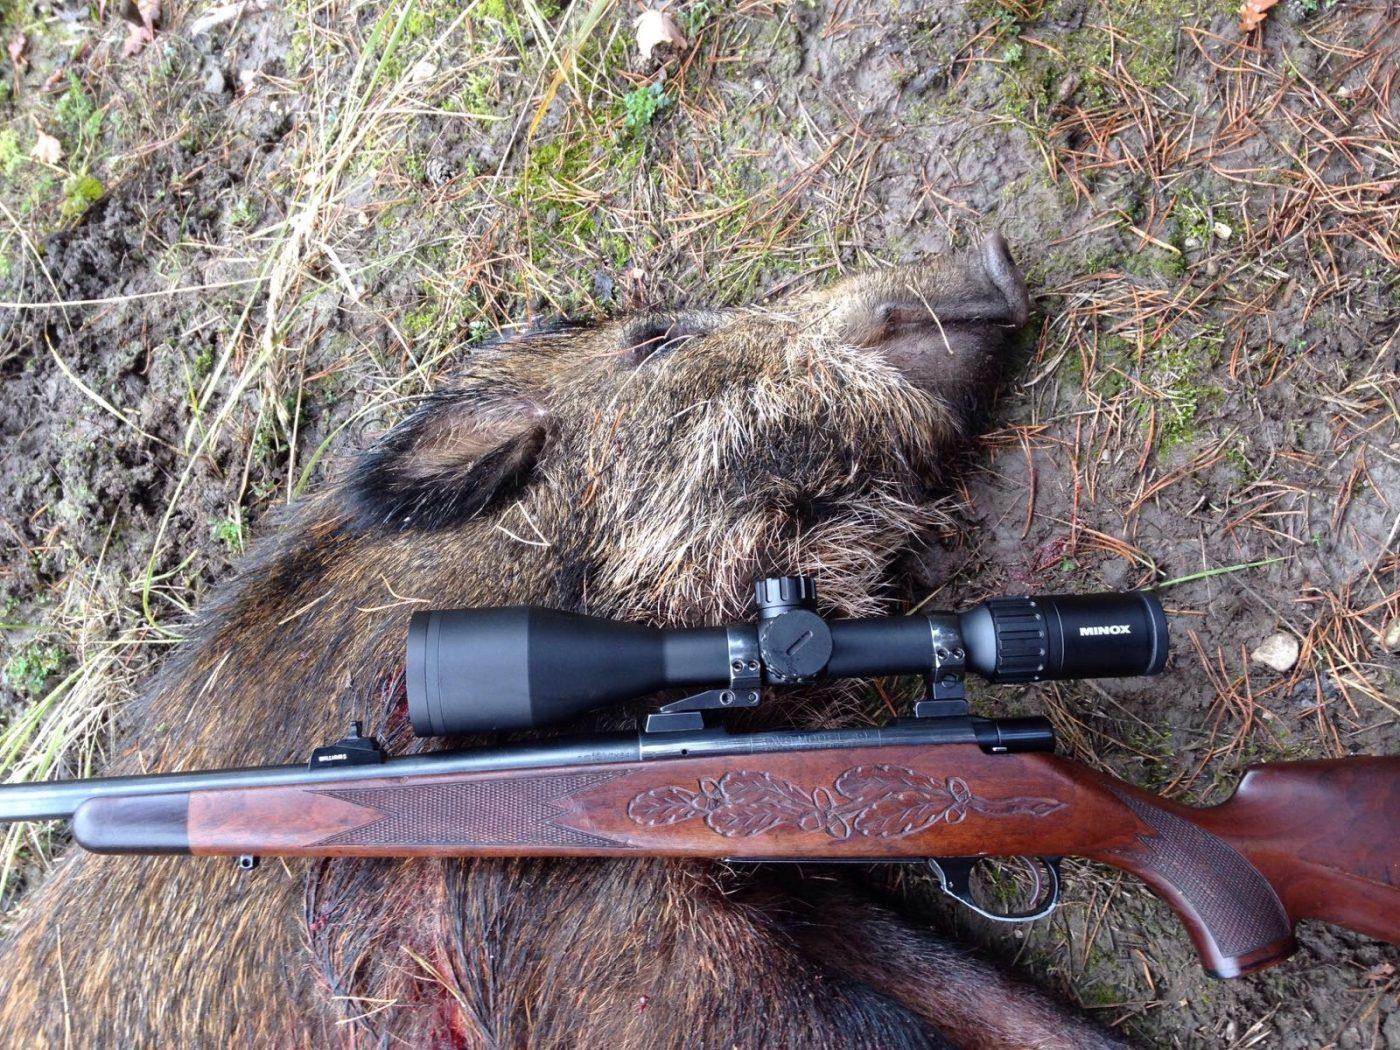 Wildschwein mit RWS Typ 89 und Minox ZX5i 3-16x56